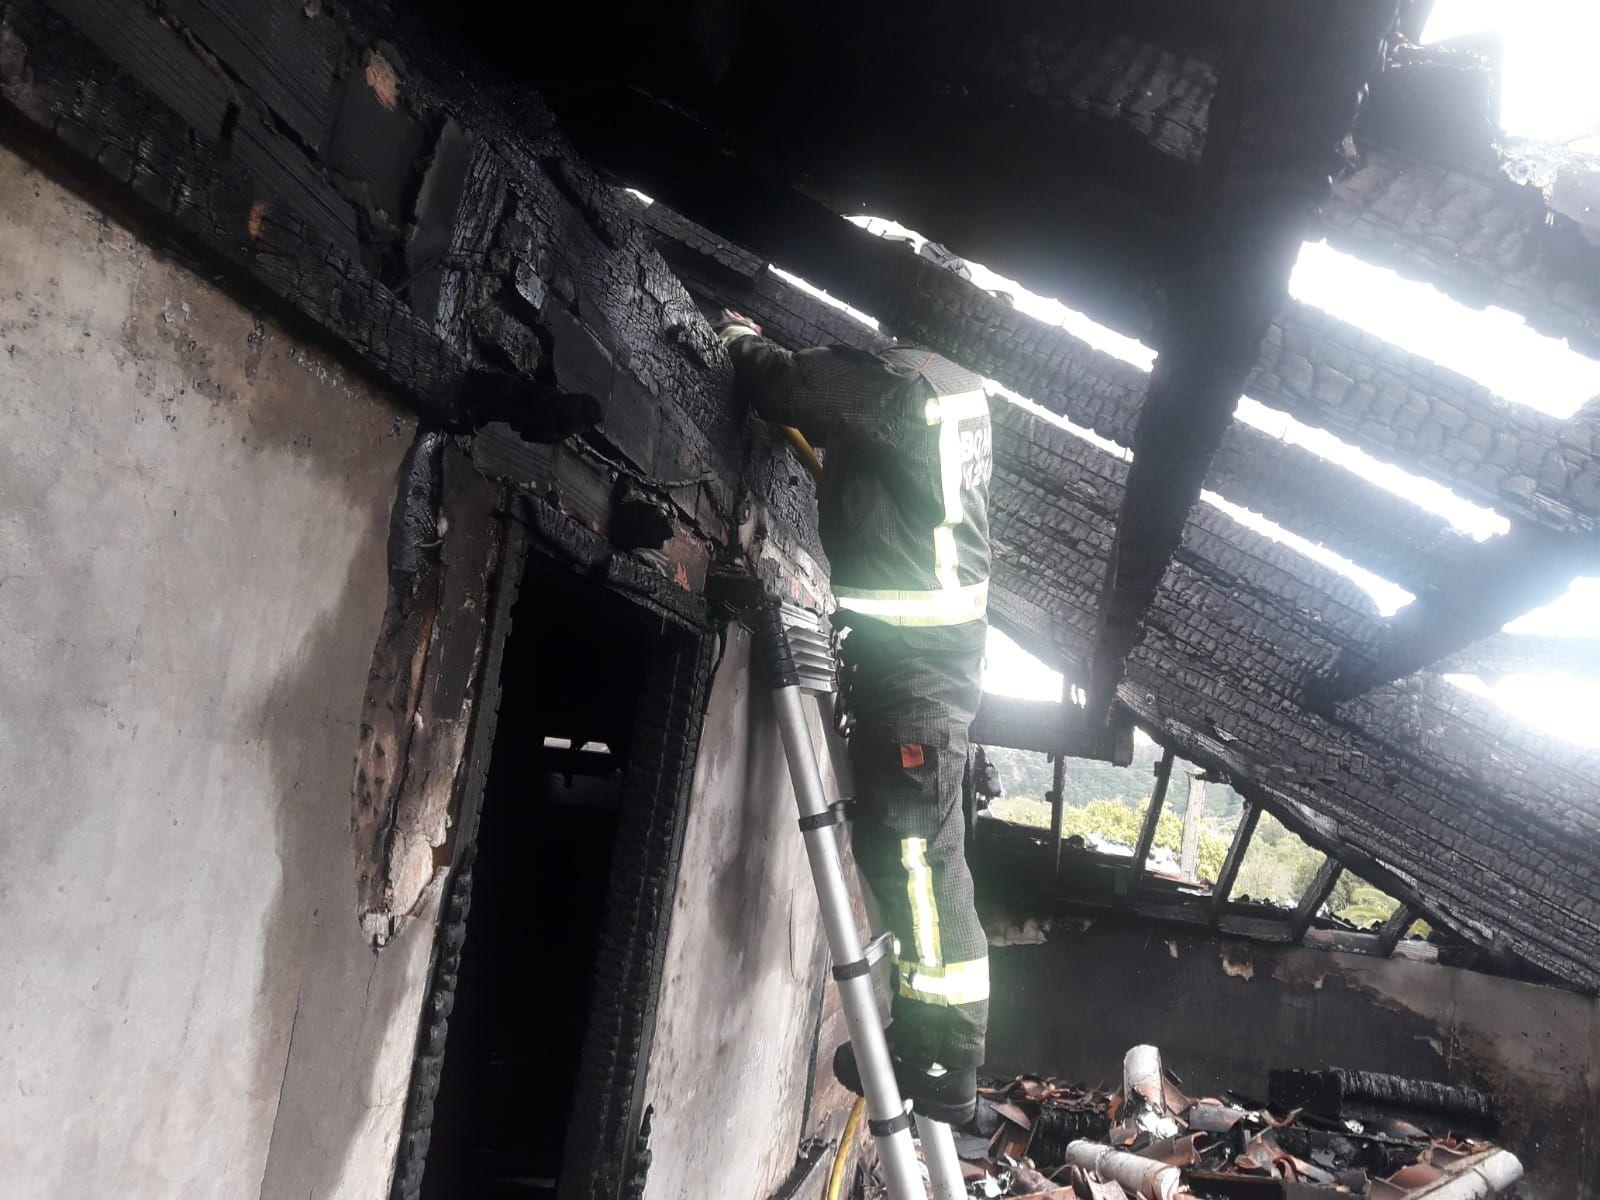 bombero realizando labores de saneamiento en el interior de la vivienda